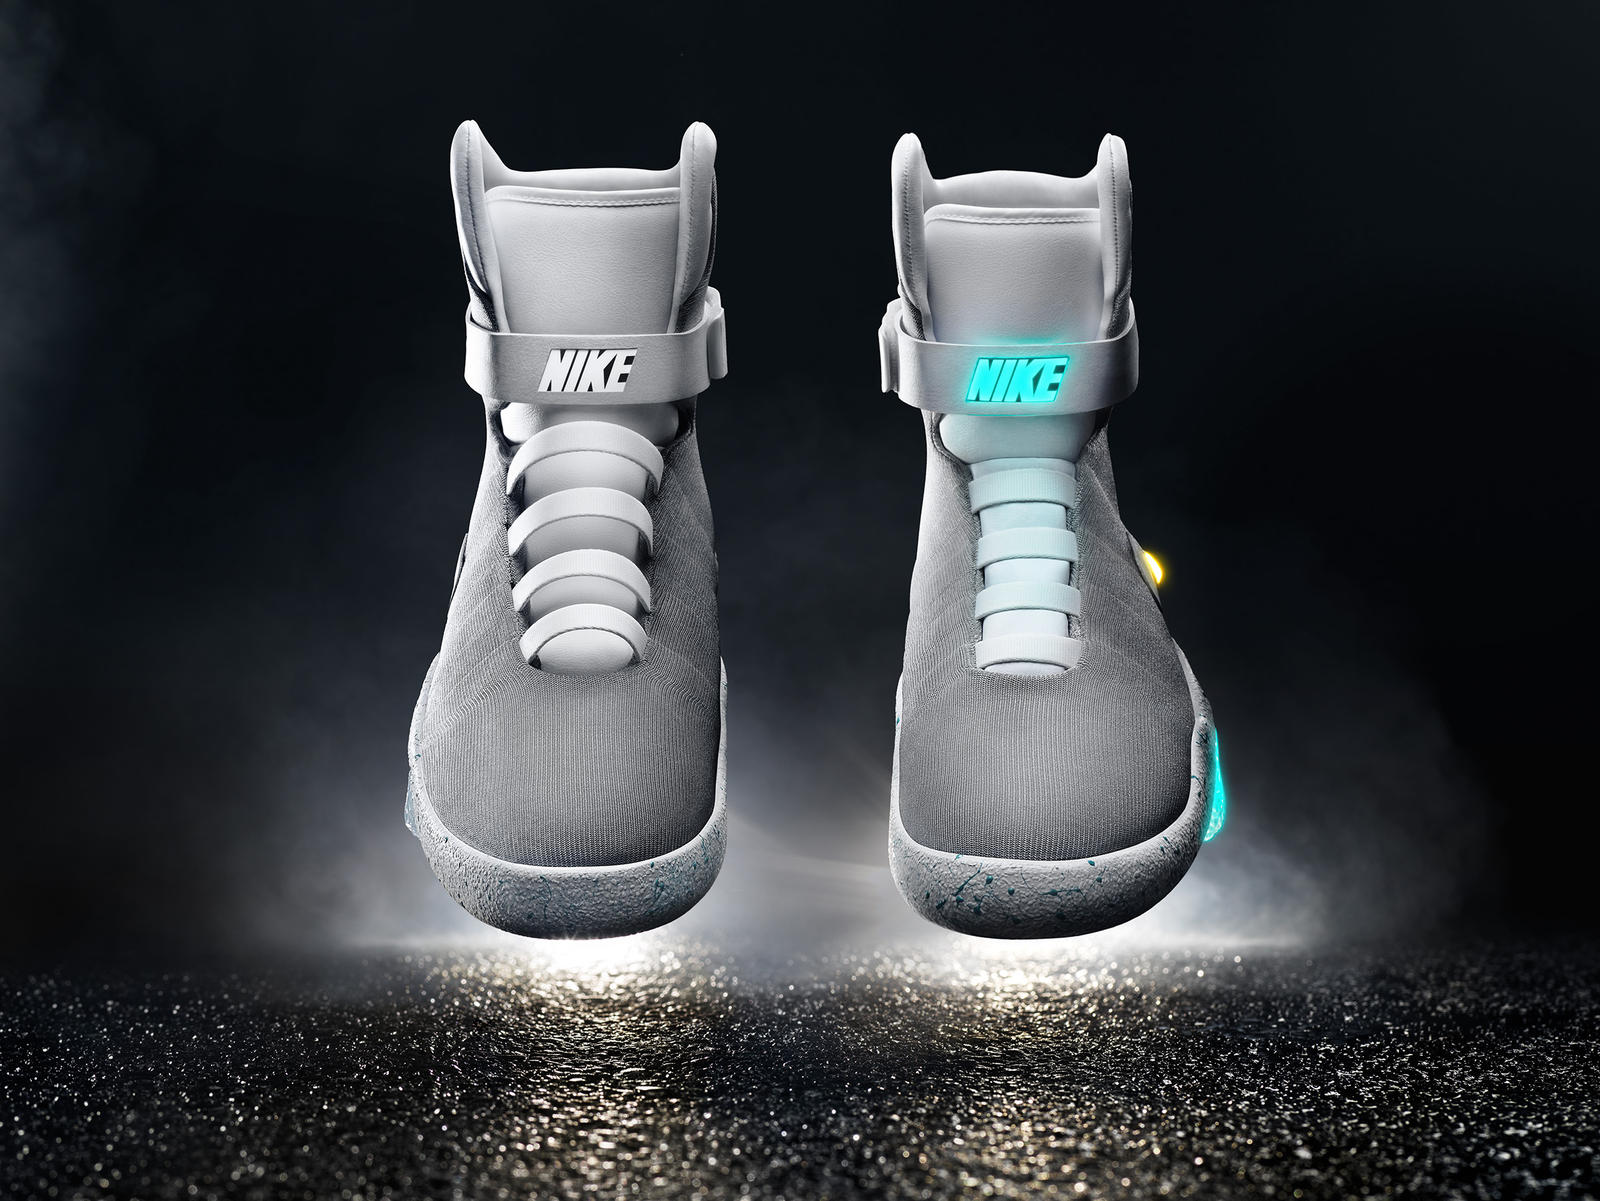 NIKE відтворила кросівки з фільму «Назад у майбутнє», які самостійно зашнуровуються